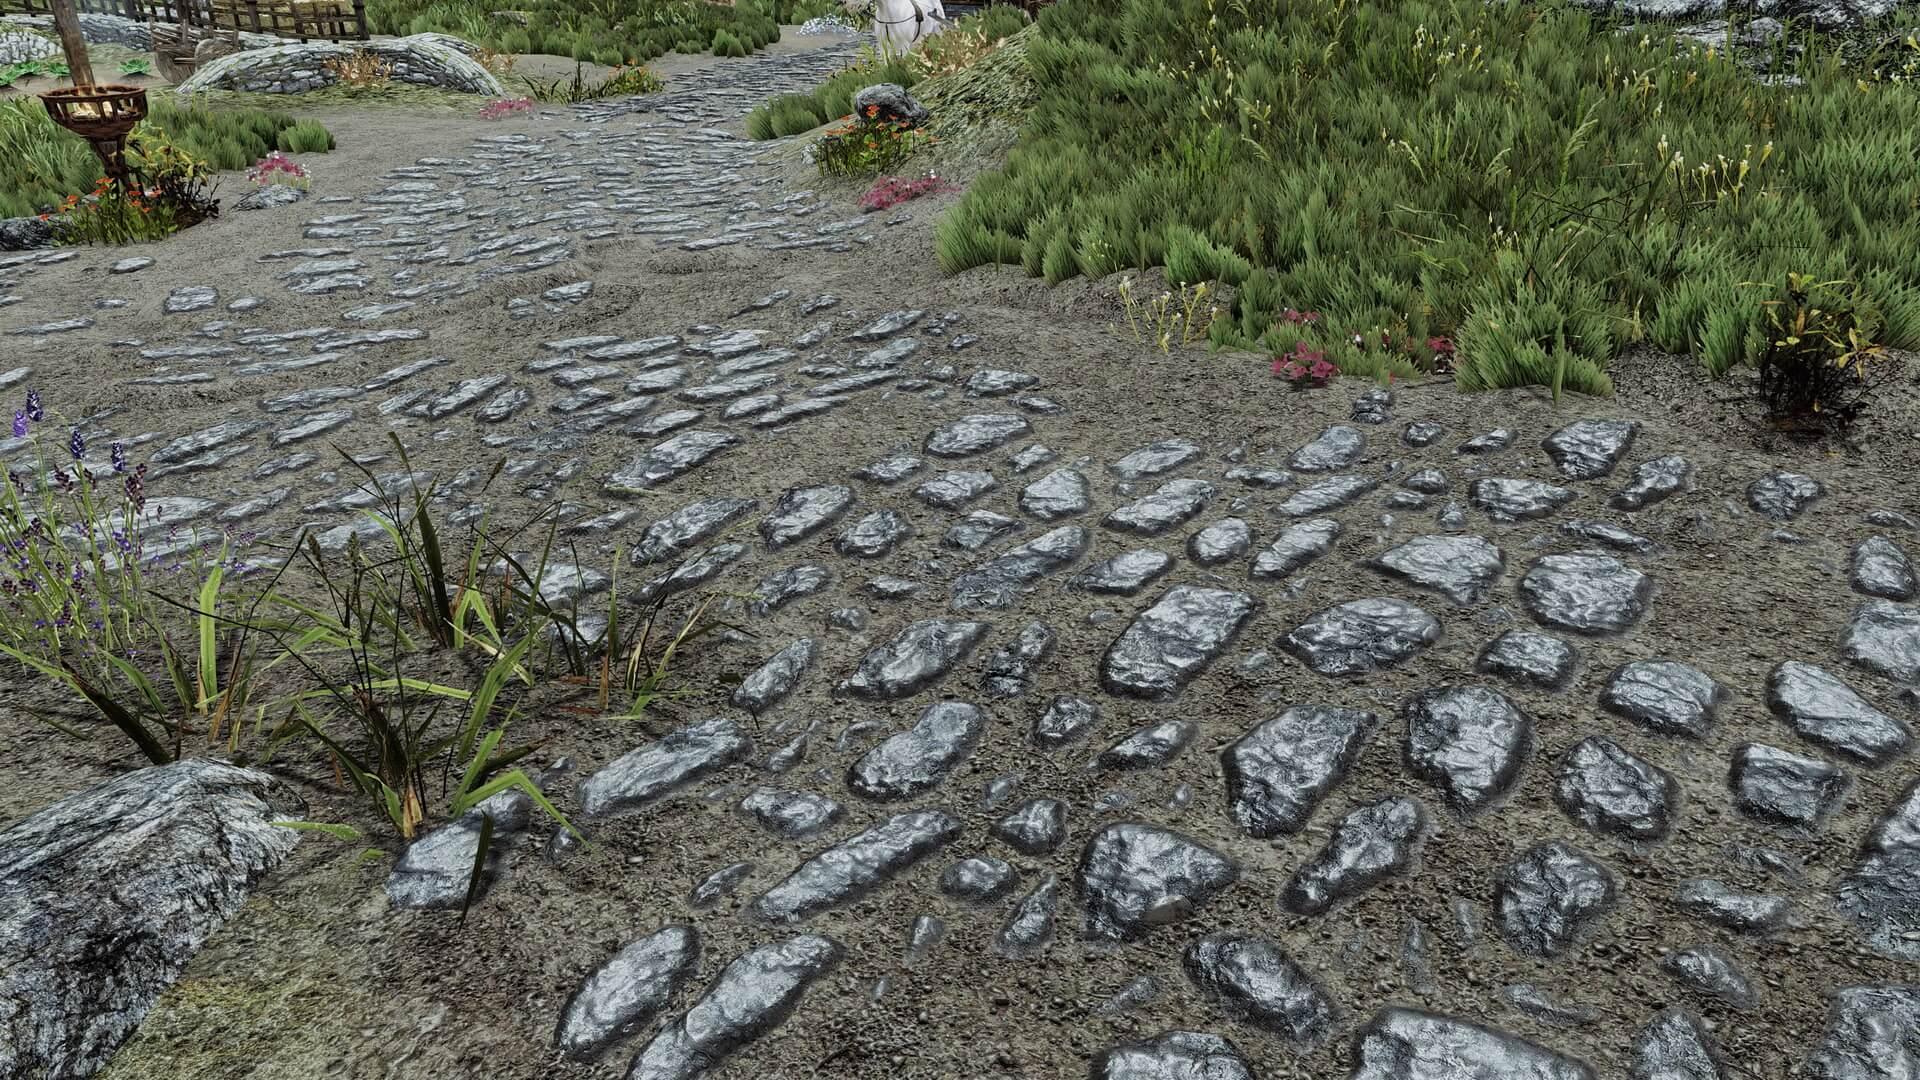 Skyrim Landscape Overhaul HD replaces all landscape textures